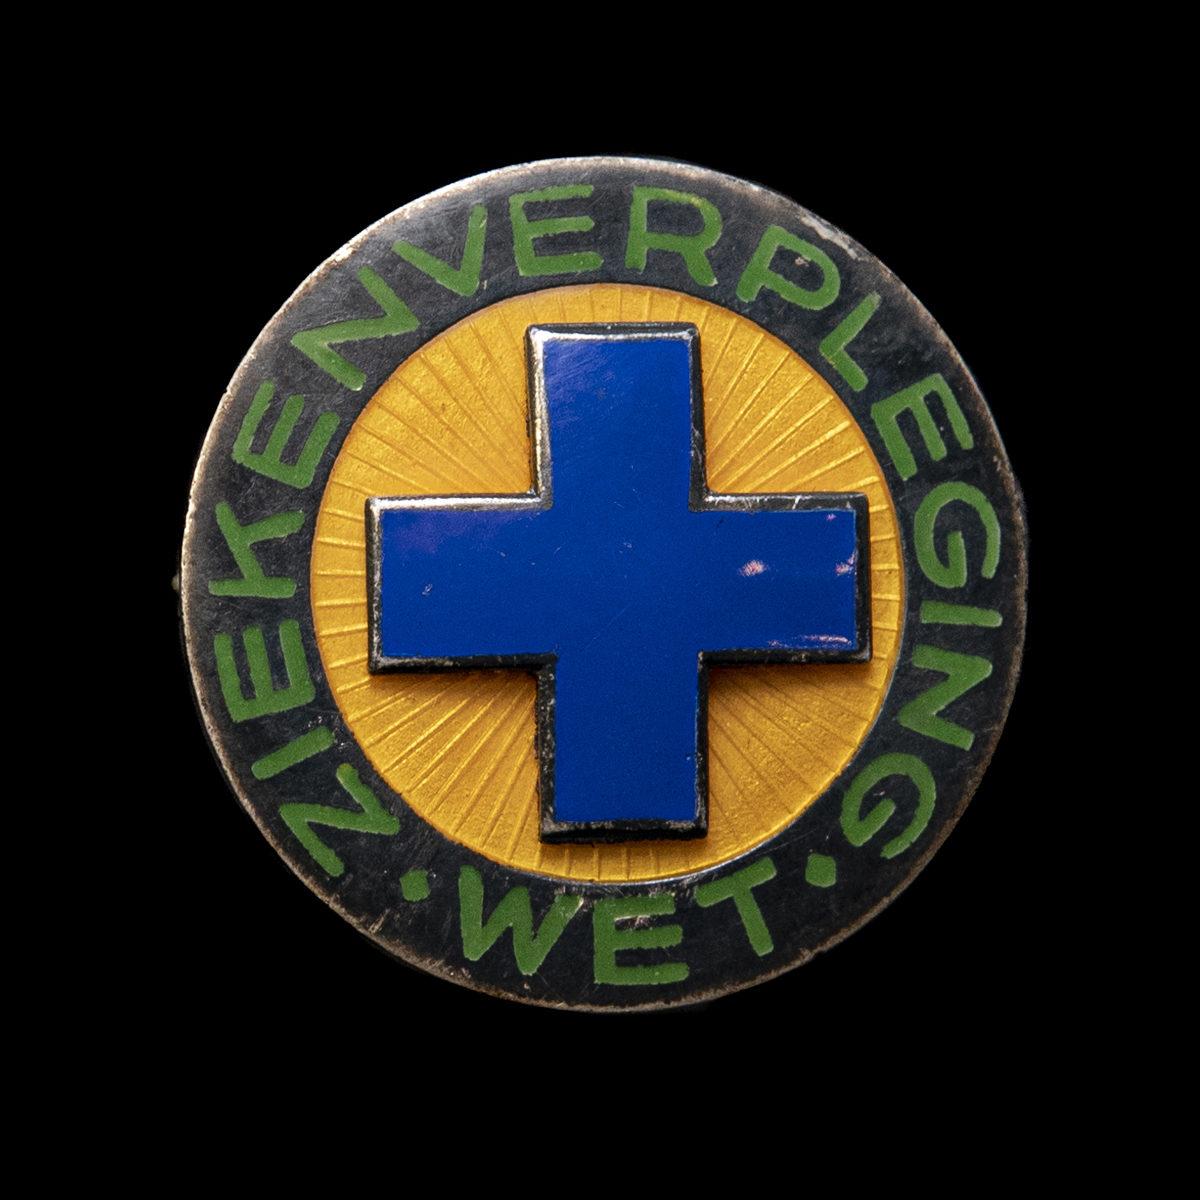 Ziekenverpleging Wet Broche